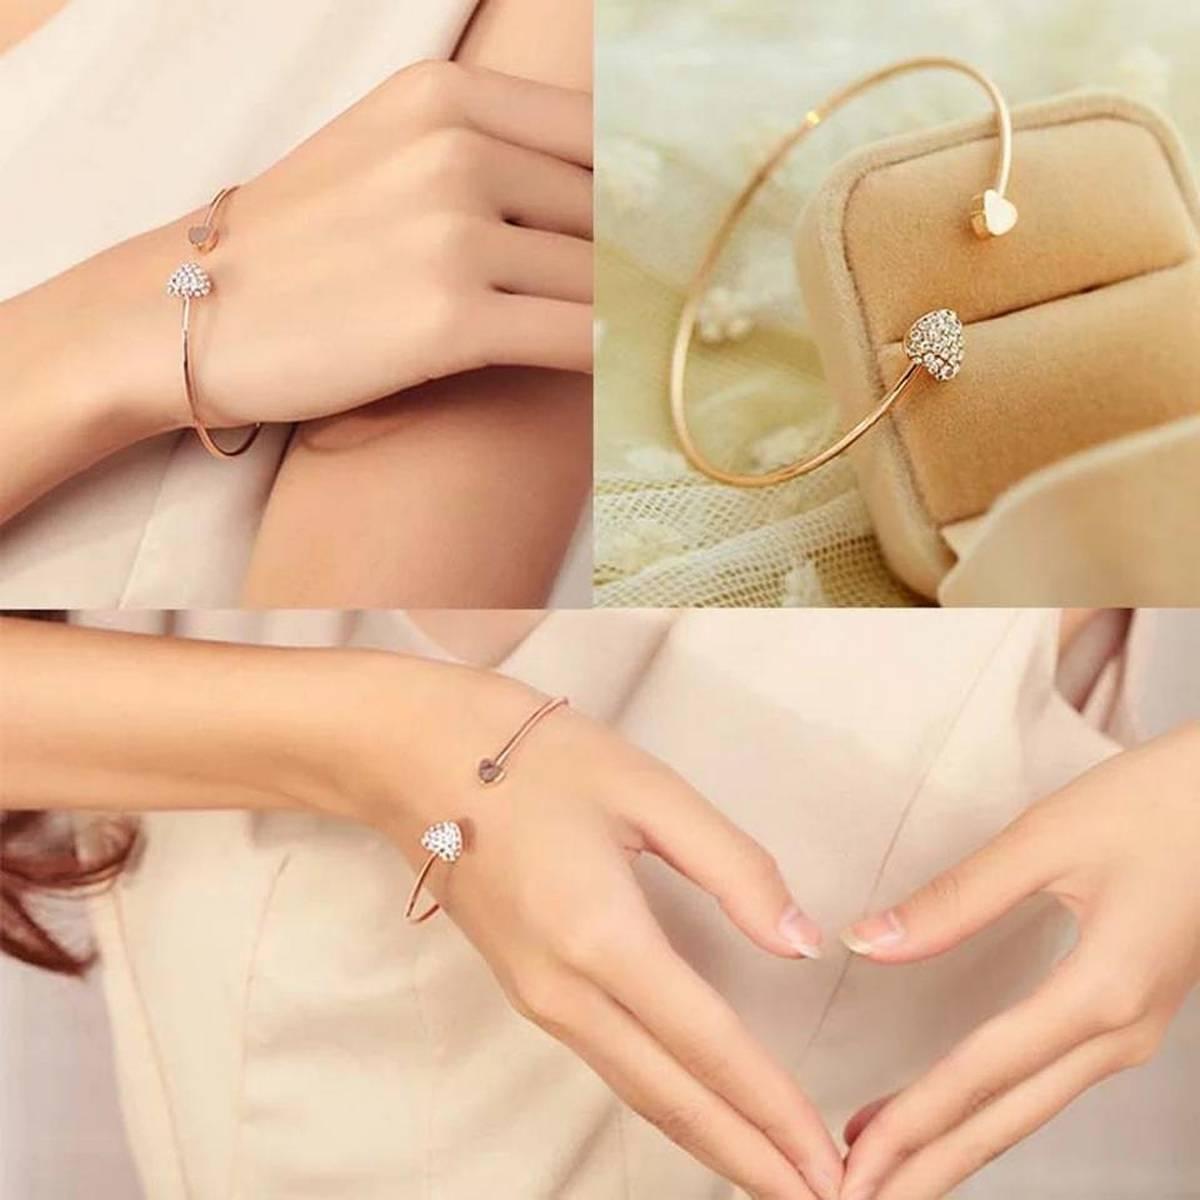 Girls Bracelets ladies Bracelets women Bracelets love Bracelets casual Bracelets fashion Bracelets metal jewelery Bracelets Fine jewelery Bracelets friendship Bracelets metal High Quality Bracelets Elegant Gift Bracelets Heart Shape Bracelets